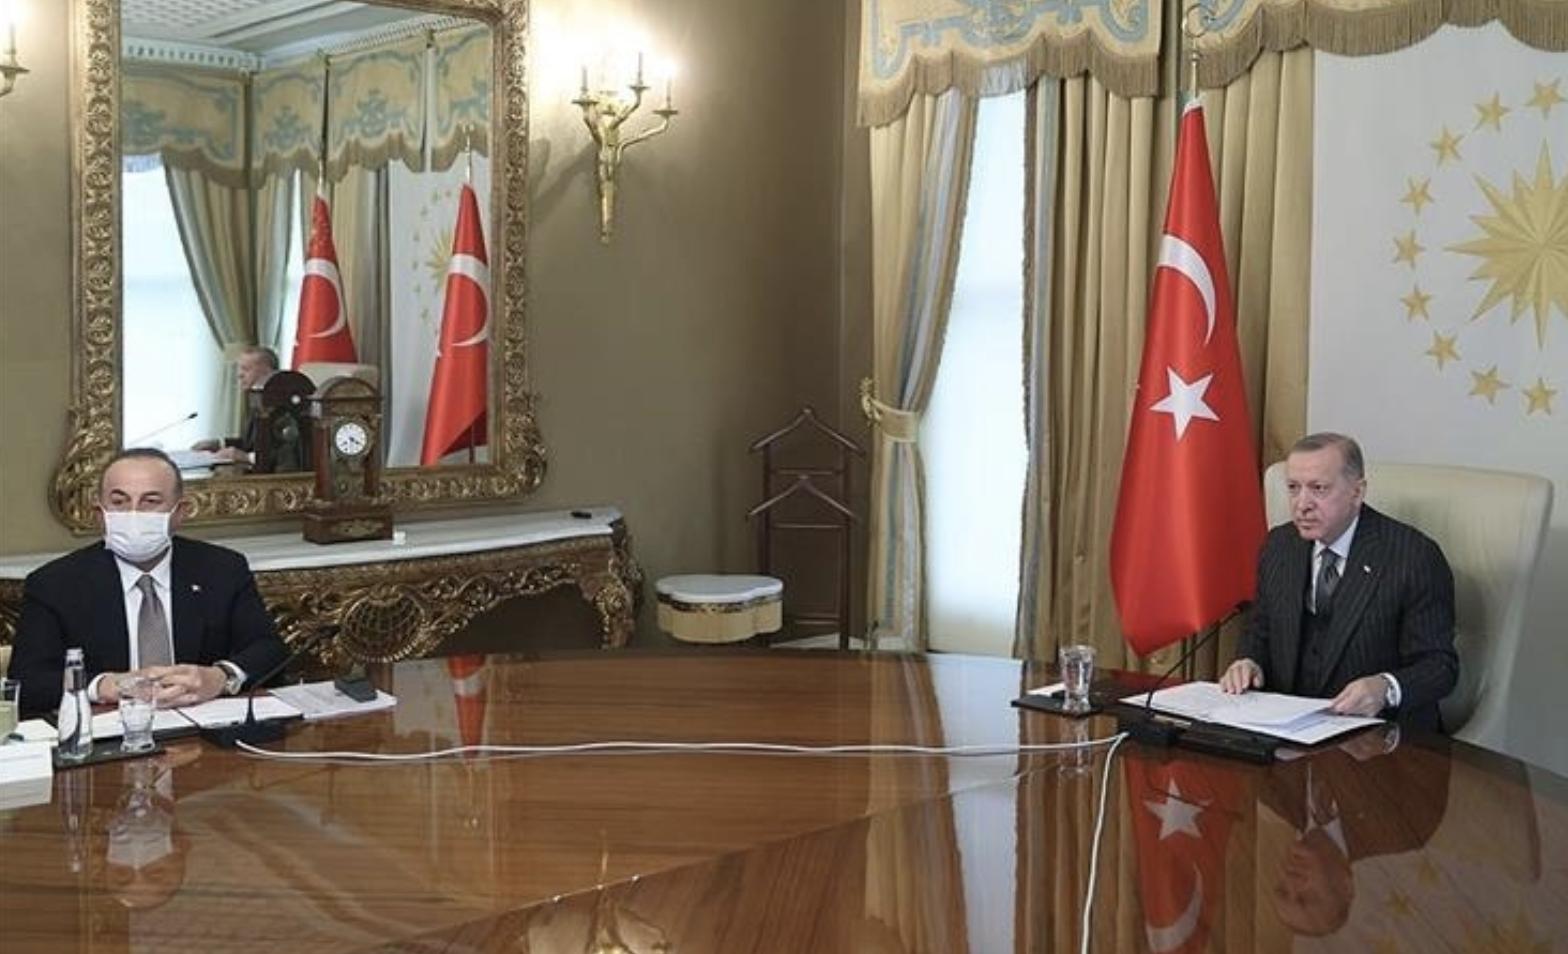 Turska: Erdogan Michel i von der Layen razgovarali o izgradnji pozitivne agende